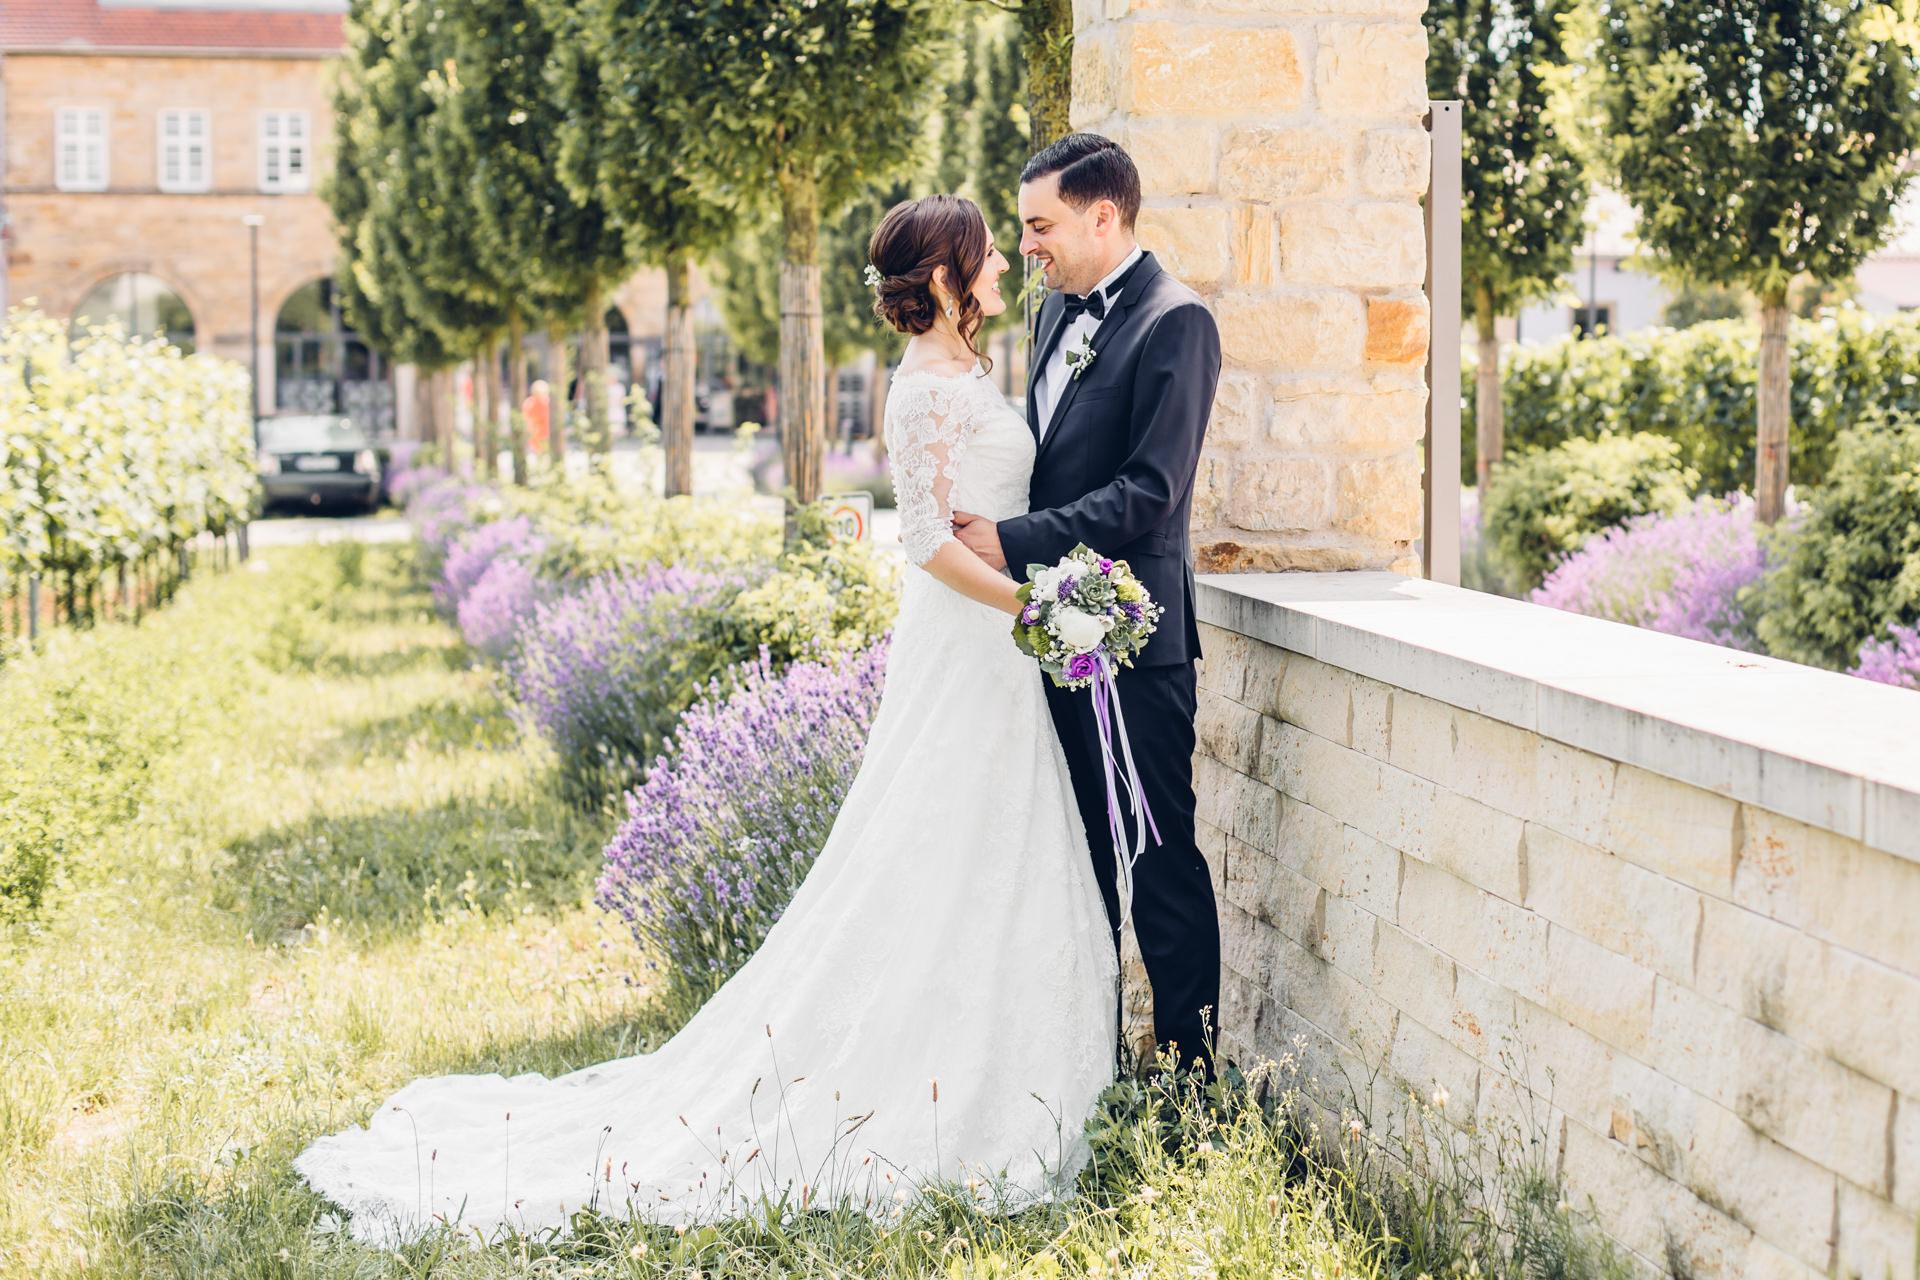 Hochzeit Weingut am Nil Pfalz Kallstadt